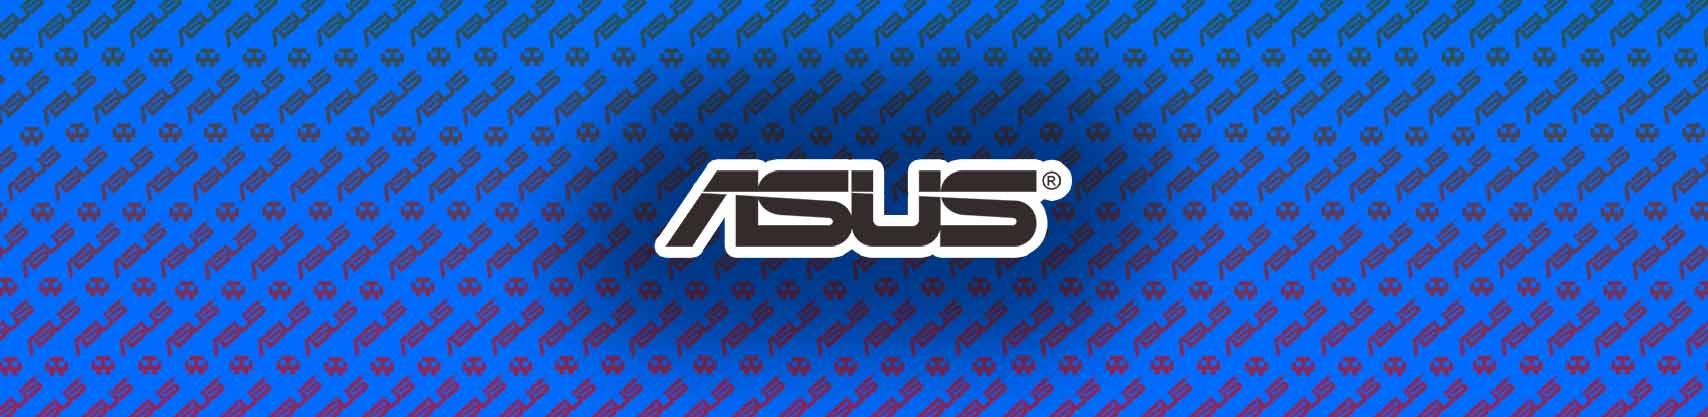 Asus Prime A320M-K Manual